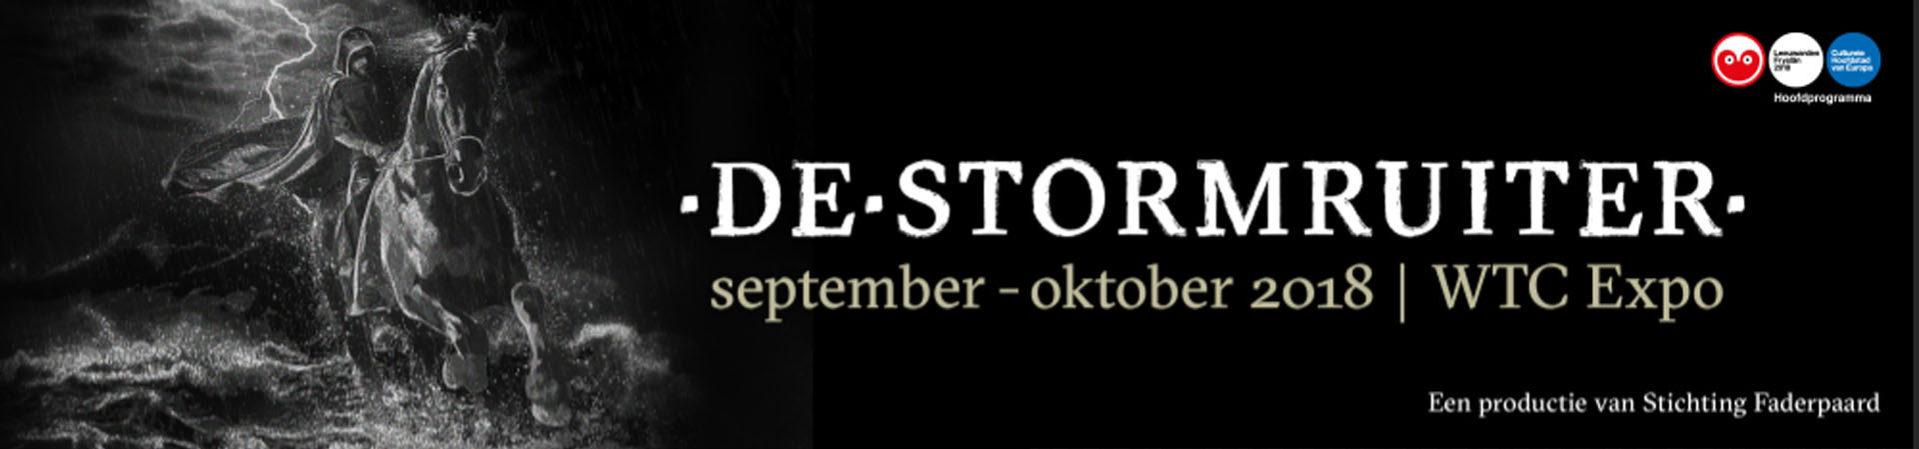 De Stormruiter 1920x450